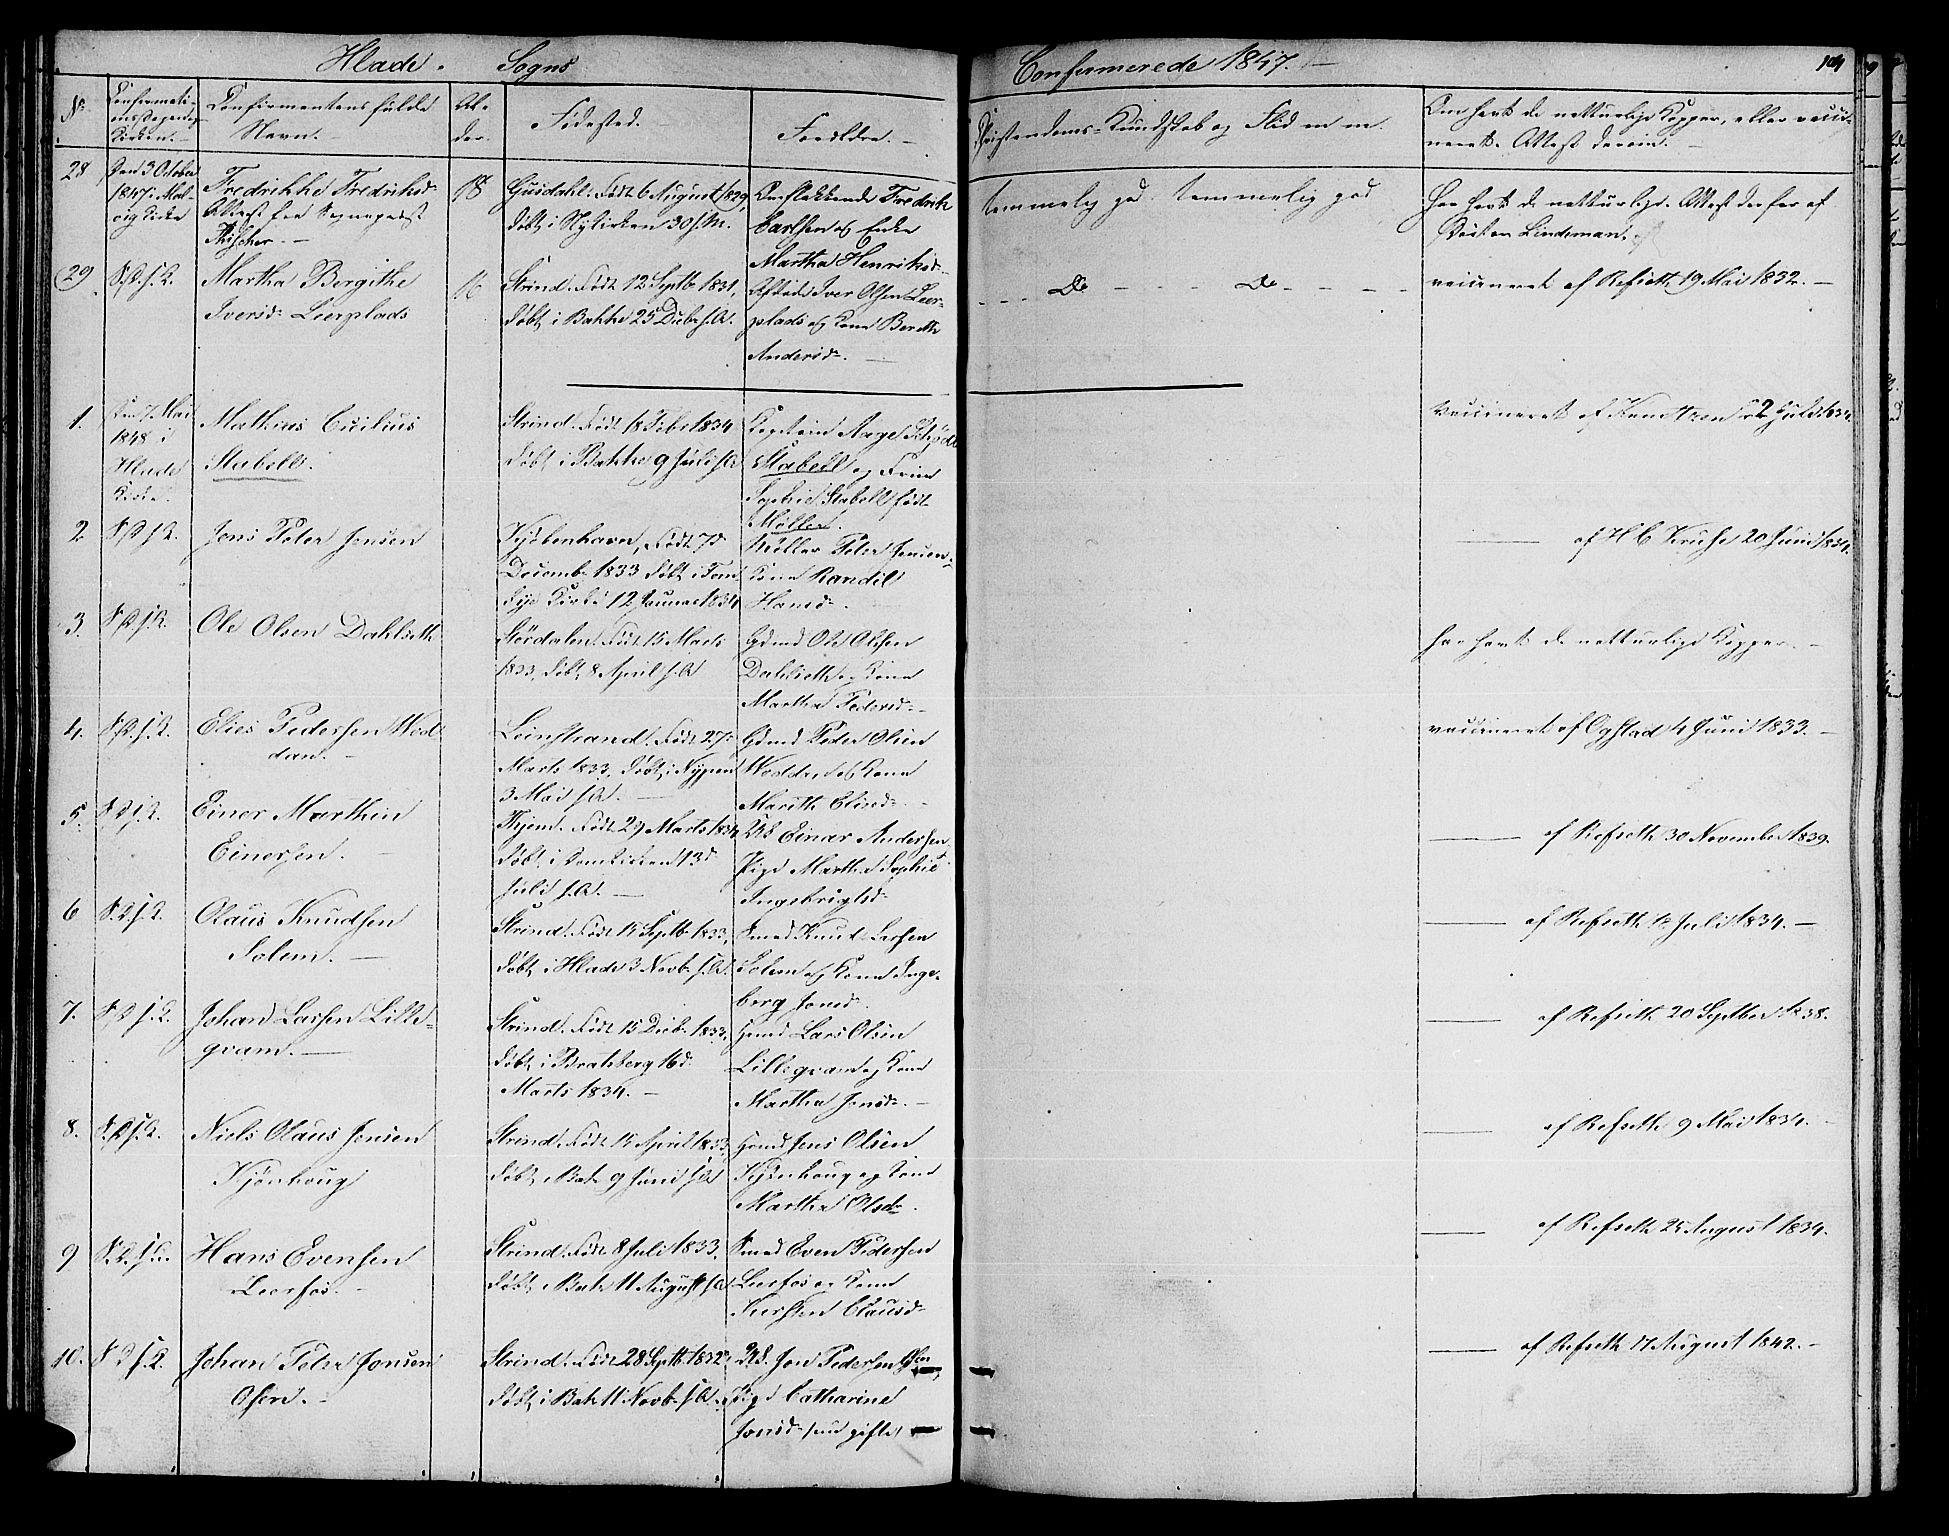 SAT, Ministerialprotokoller, klokkerbøker og fødselsregistre - Sør-Trøndelag, 606/L0309: Klokkerbok nr. 606C05, 1841-1849, s. 104